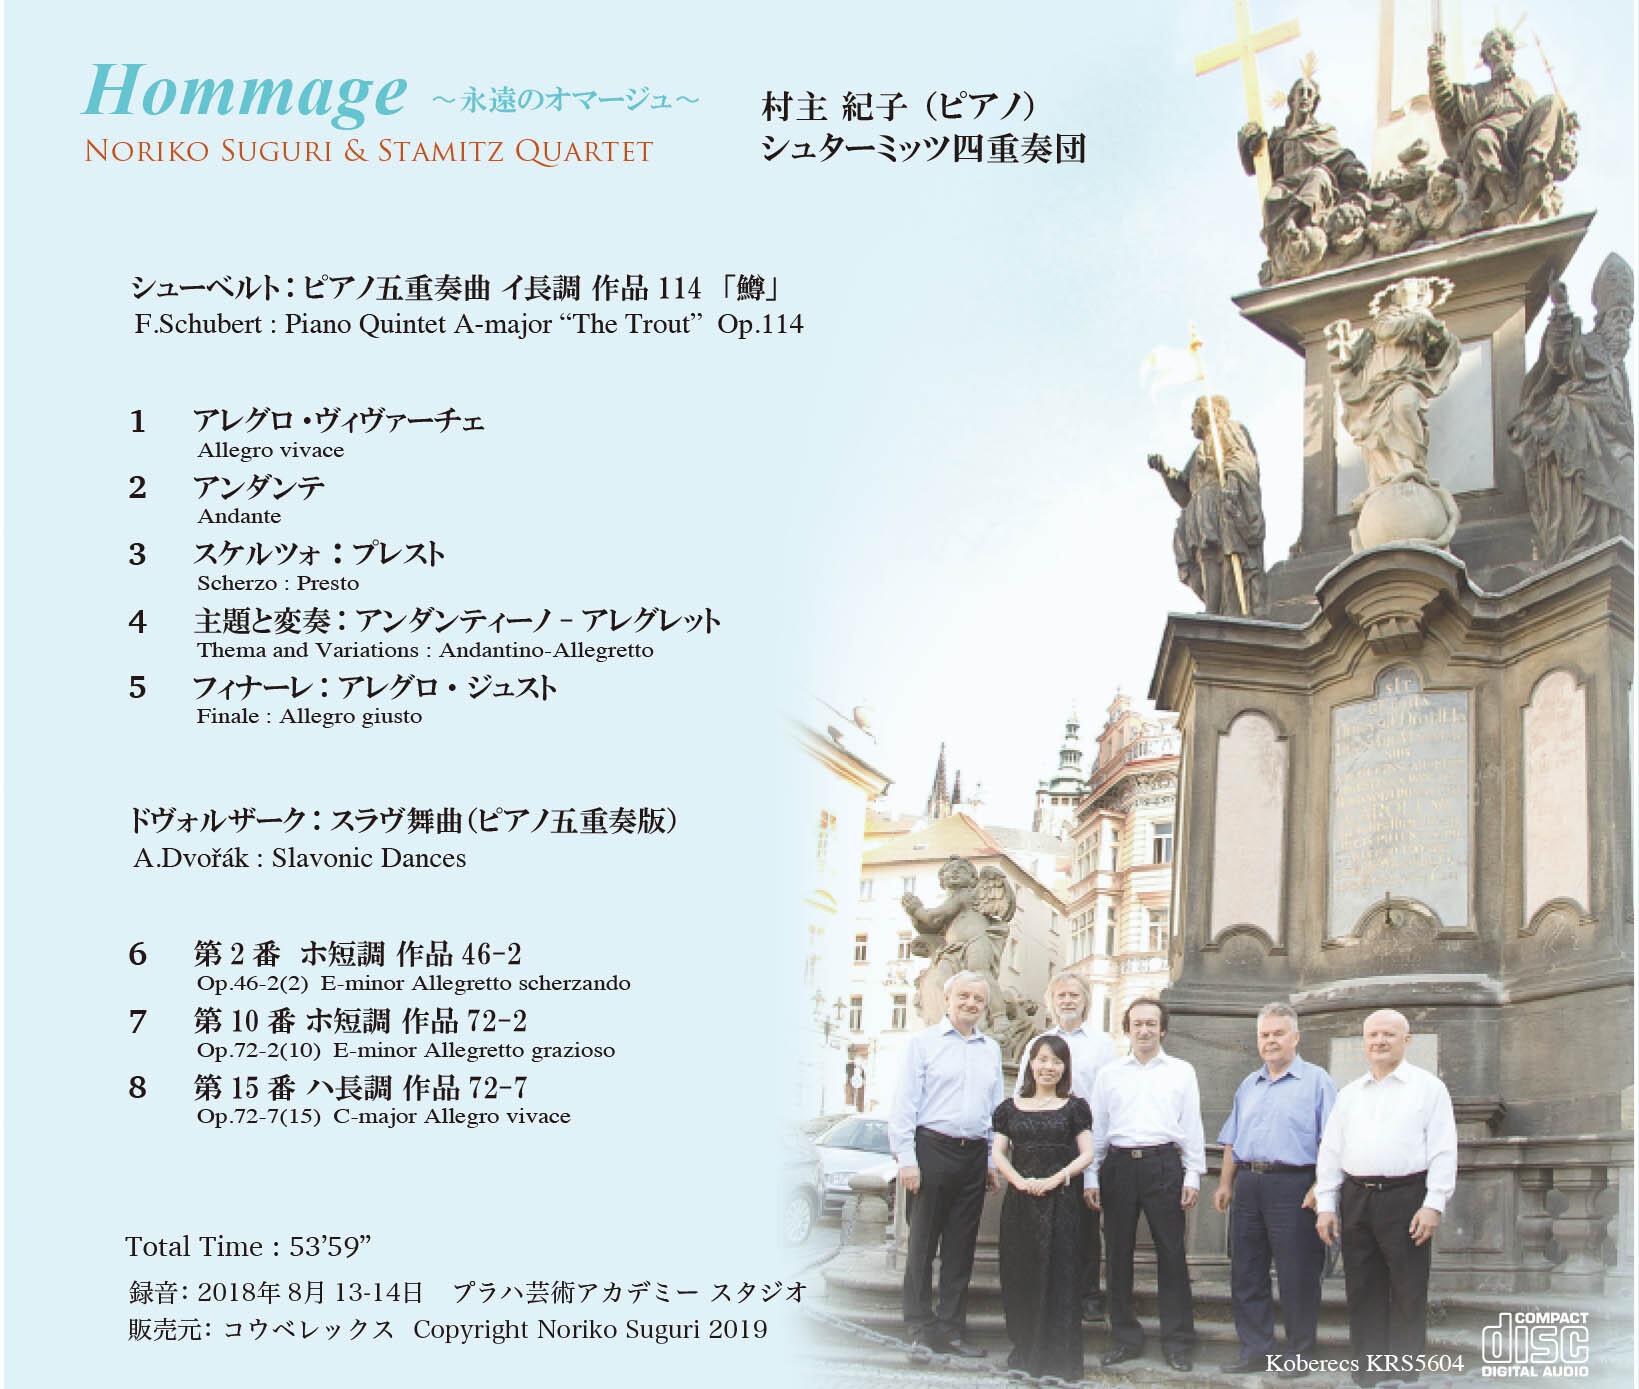 Hommage 〜永遠のオマージュ〜 村主紀子、シュターミッツ四重奏団他